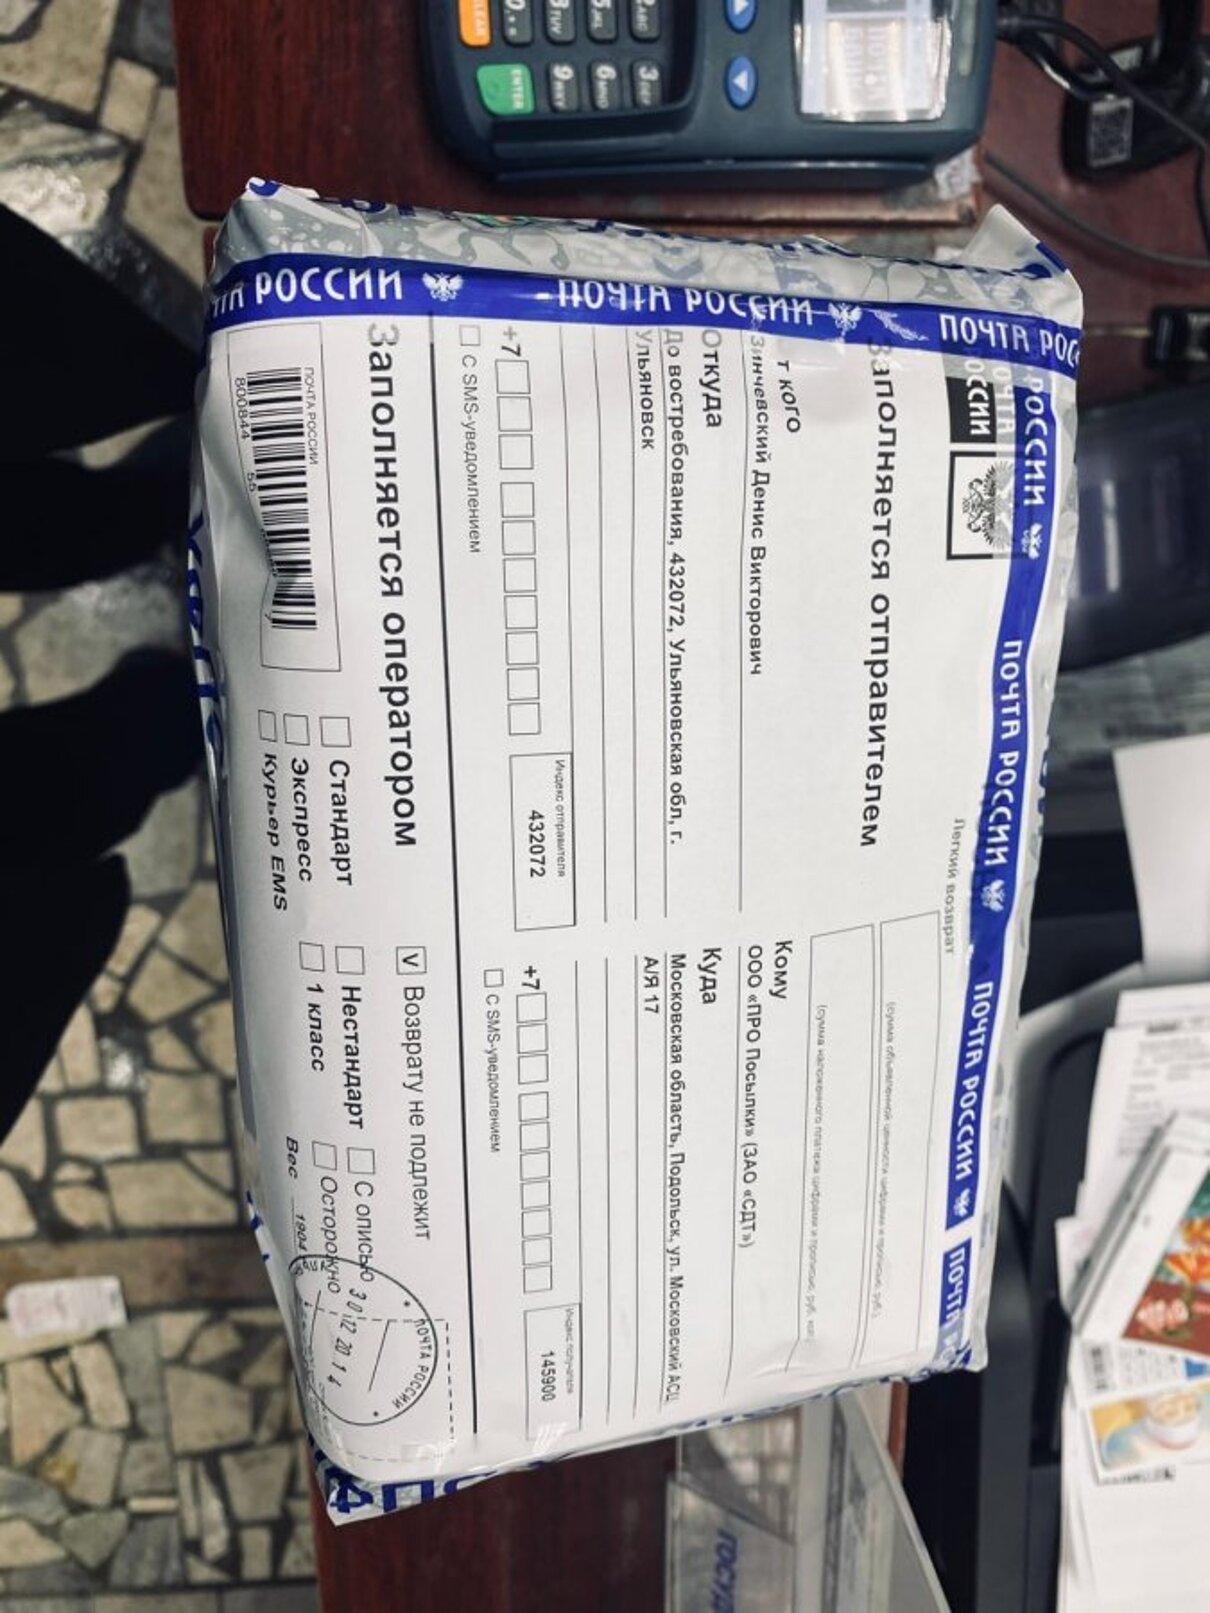 Жалоба-отзыв: AliExpress - Подтверждение продавцу от склада.  Фото №2